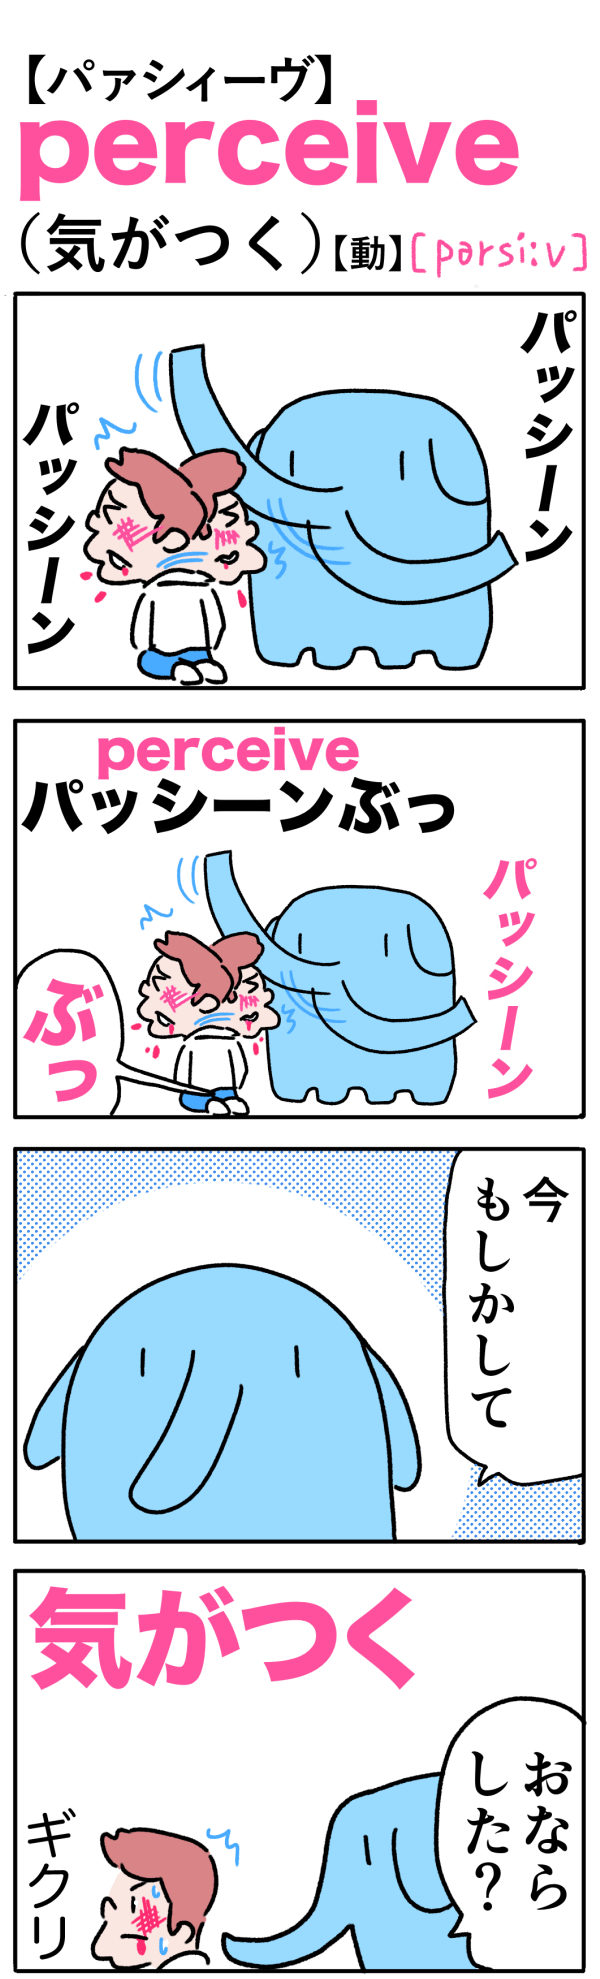 perceive(気がつく)の語呂合わせ英単語